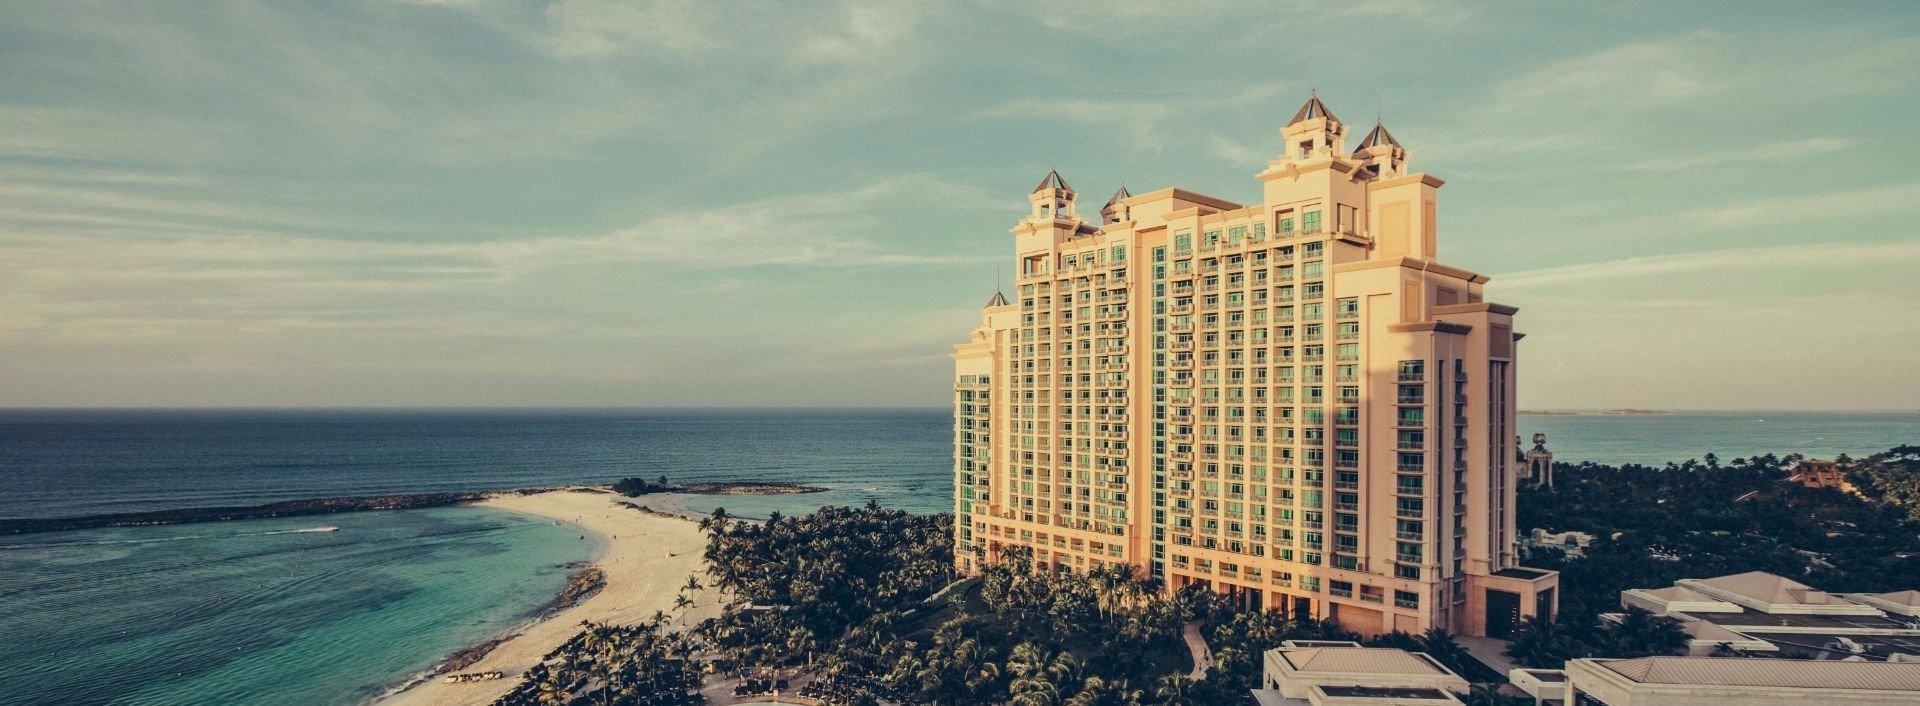 Ein großes Hotel am Meer: Hier benötigen Sie unsere englischen Formulierungen für's Hotel.